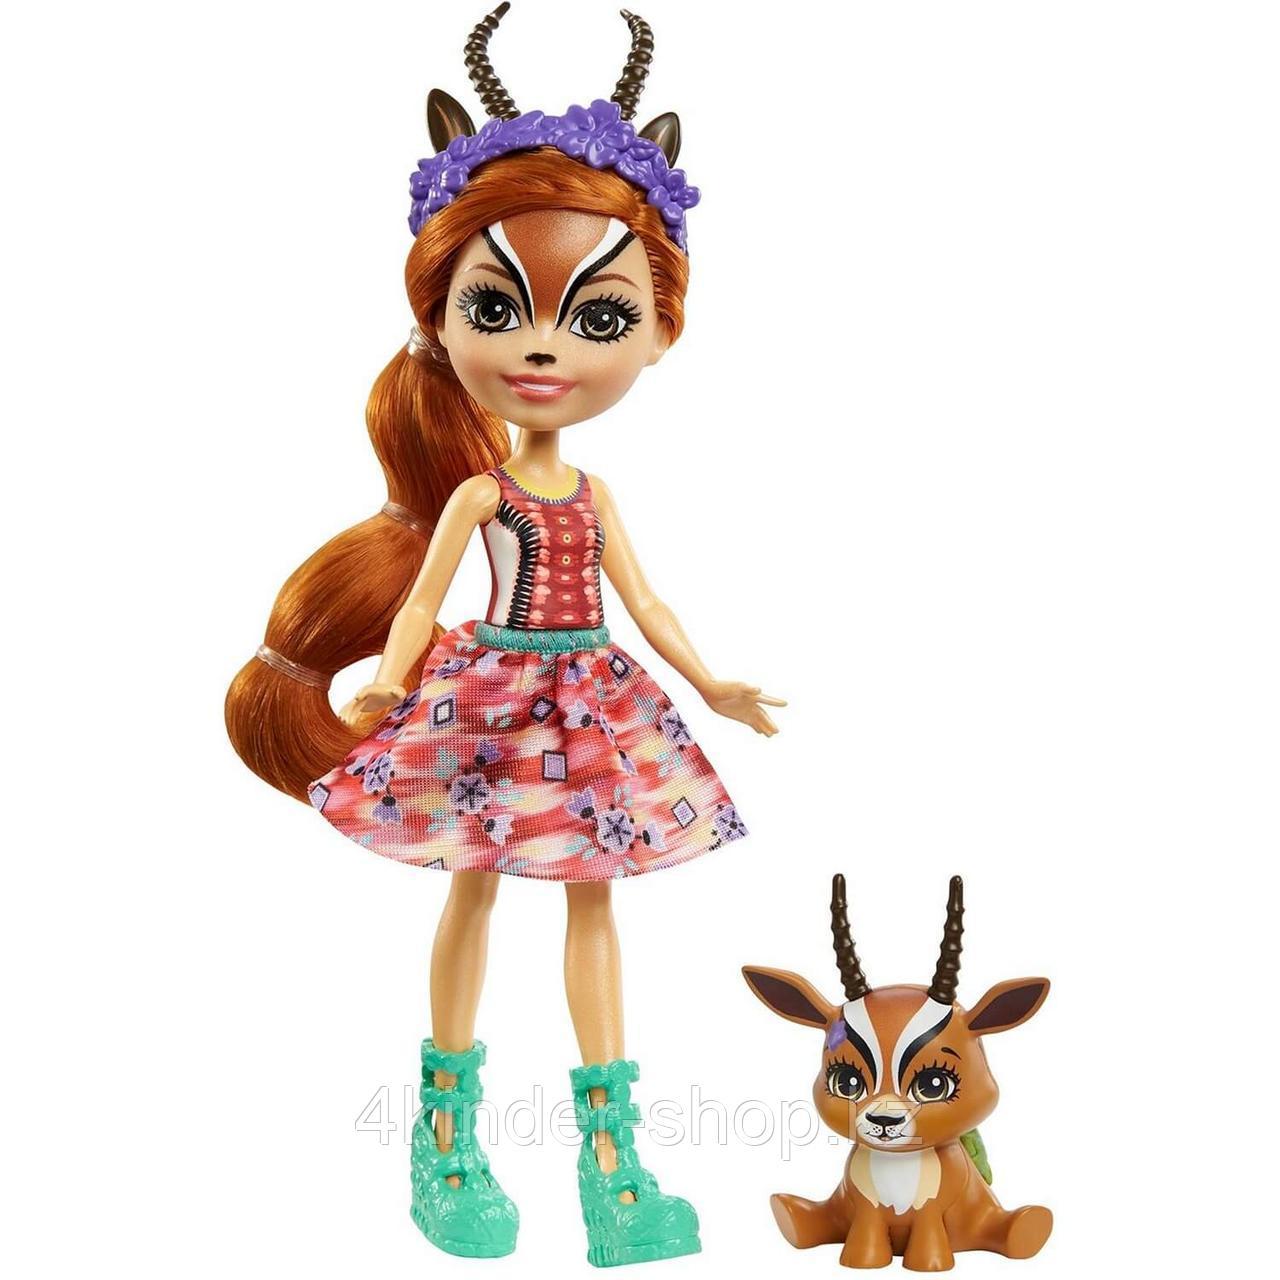 Энчантималс Enchantimals кукла с питомцем Габриэла Газелли и Рейсер GTM26 - фото 1